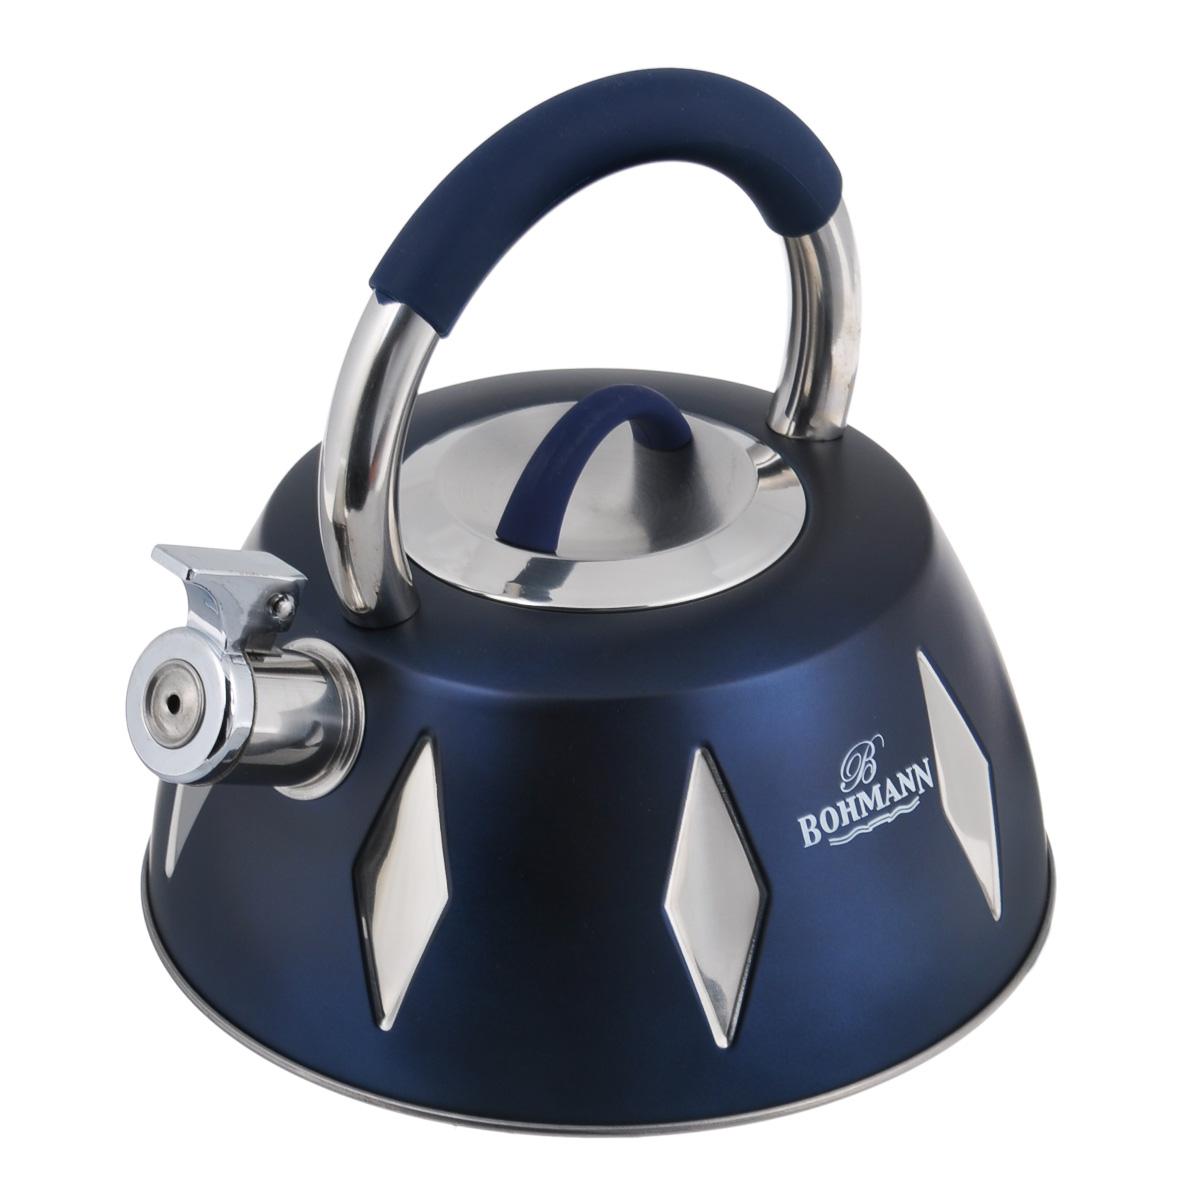 Чайник Bohmann со свистком, цвет: синий, 3,5 л. BH - 99489948BHЧайник Bohmann изготовлен из высококачественной нержавеющей стали с цветным матовым покрытием. Нержавеющая сталь - материал, из которого в течение нескольких десятилетий во всем мире производятся столовые приборы, кухонные инструменты и различные аксессуары. Этот материал обладает высокой стойкостью к коррозии и кислотам. Прочность, долговечность и надежность этого материала, а также первоклассная обработка обеспечивают практически неограниченный запас прочности и неизменно привлекательный внешний вид. Чайник оснащен удобной ручкой с цветной силиконовой вставкой, что предотвращает появление ожогов и обеспечивает безопасность использования. Носик чайника имеет откидной свисток, который подскажет, когда вода закипела. Можно использовать на газовых, электрических, галогеновых, стеклокерамических, индукционных плитах. Можно мыть в посудомоечной машине. Высота чайника (без учета ручки и крышки): 10 см. Высота чайника (с учетом ручки): 22 см. Диаметр основания...